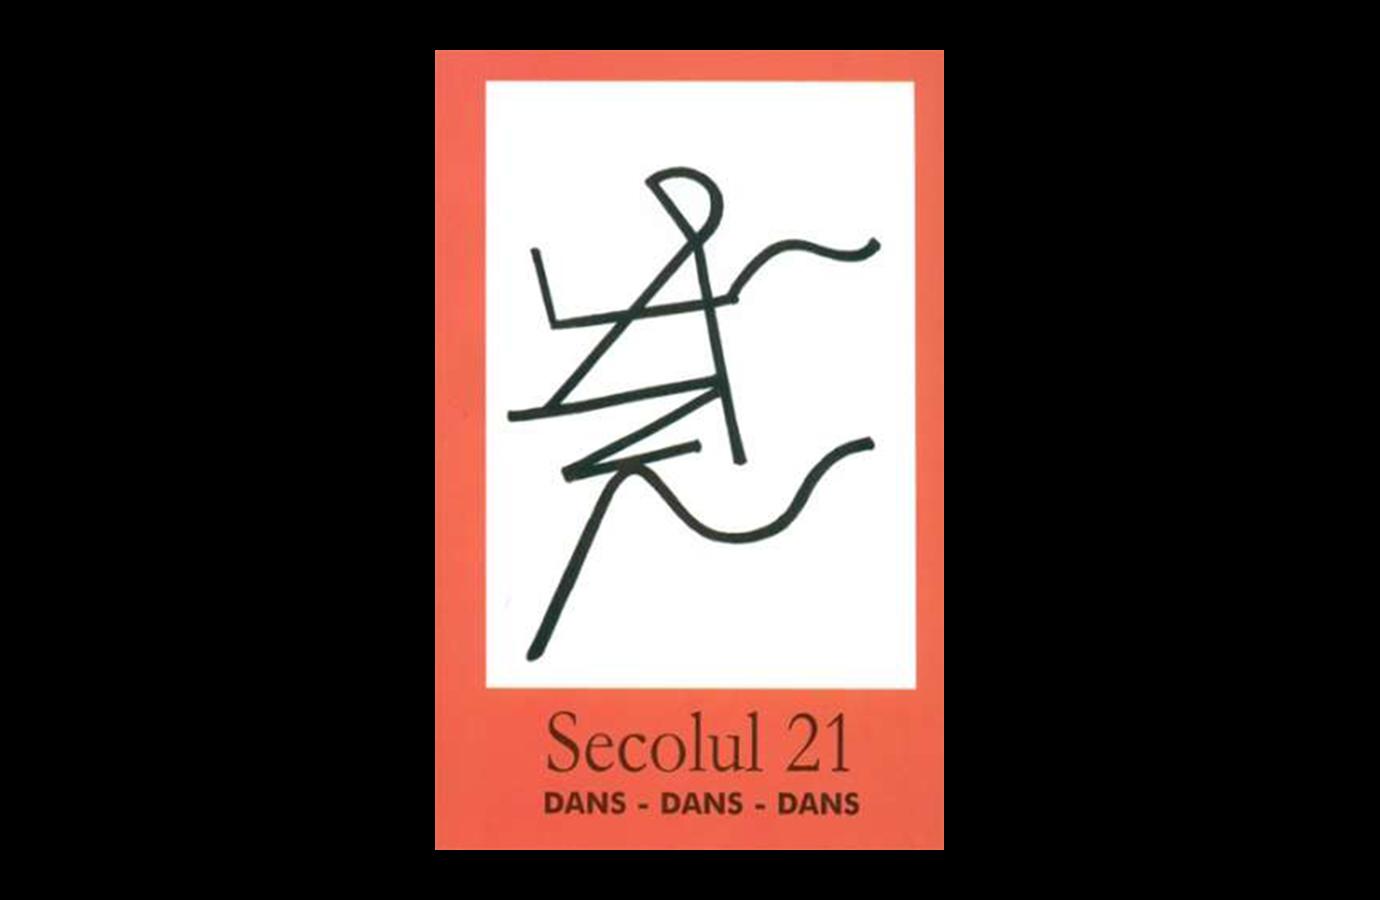 DANS DANS DANS - revista 'Secolul 21'